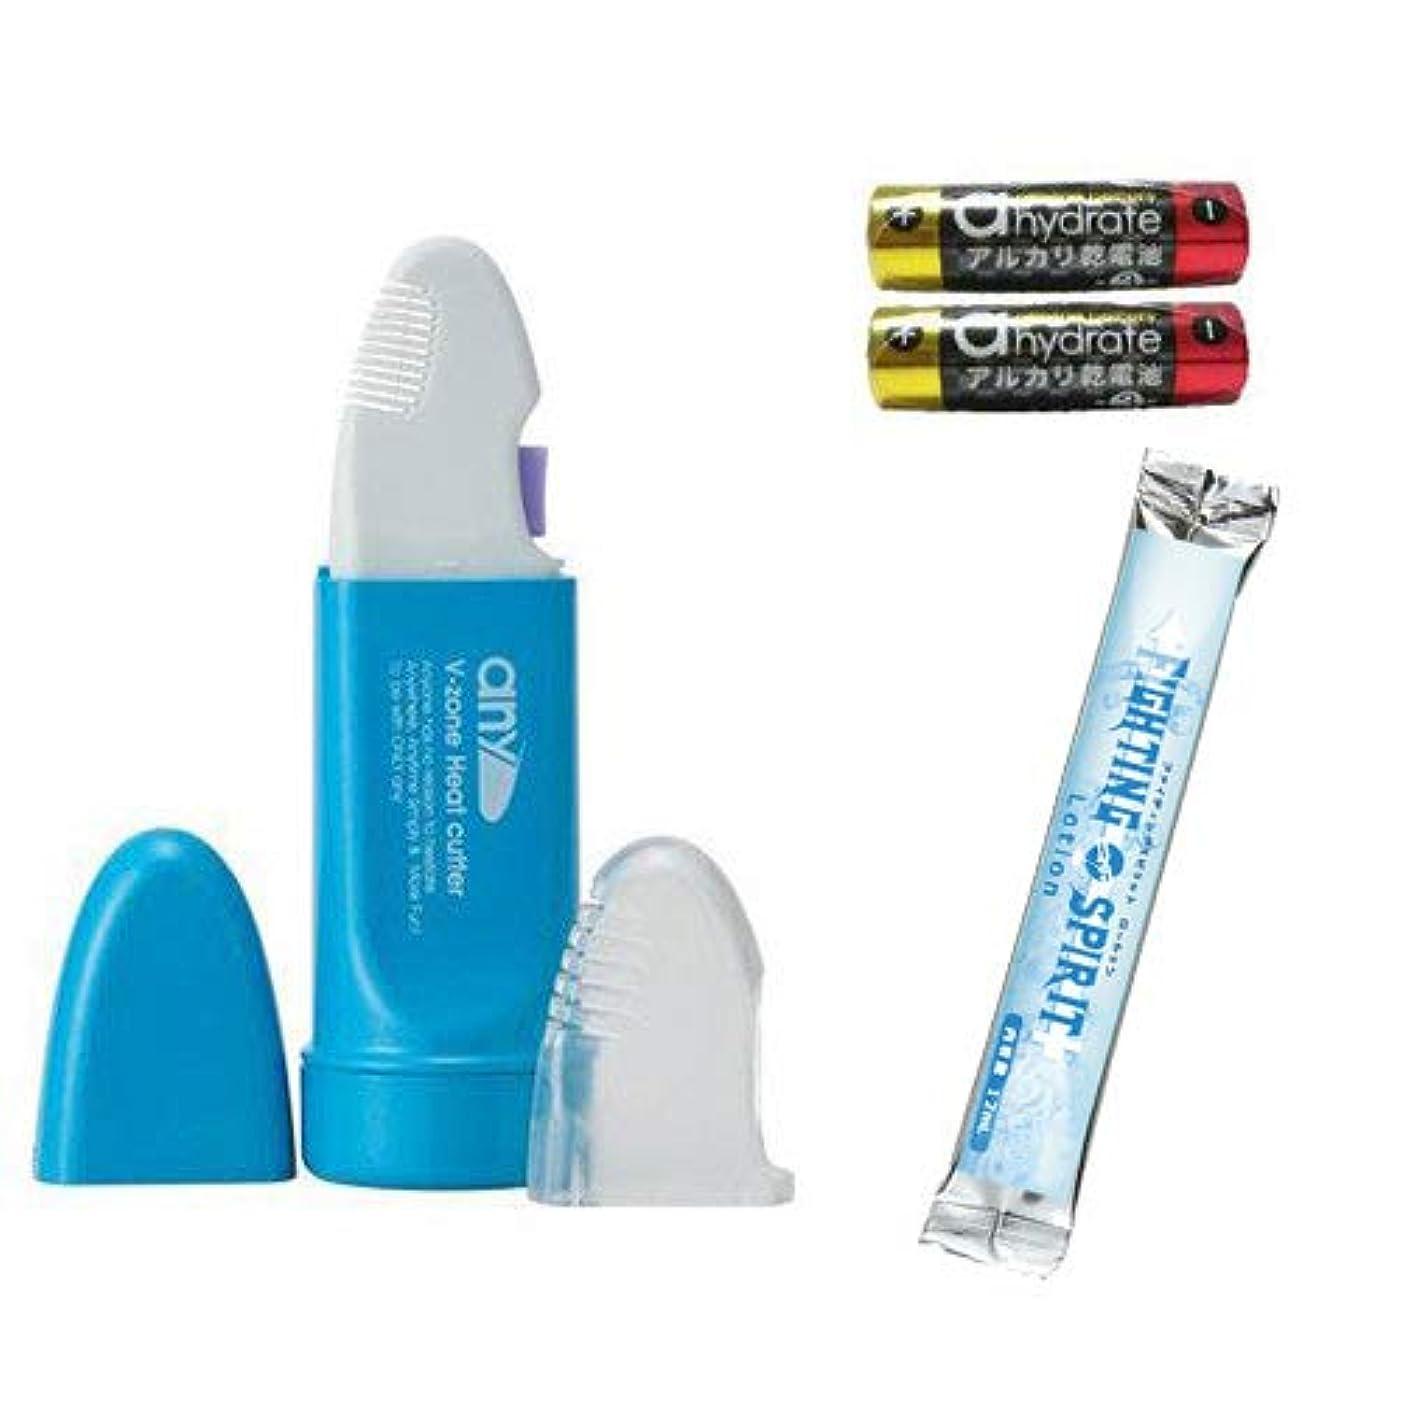 開梱発生スーツV-Zone Heat Cutter any(エニィ) Stylish マリンブルー + 単3アルカリ電池2本付きセット + ファイティングスピリットローション(12mL) 付き